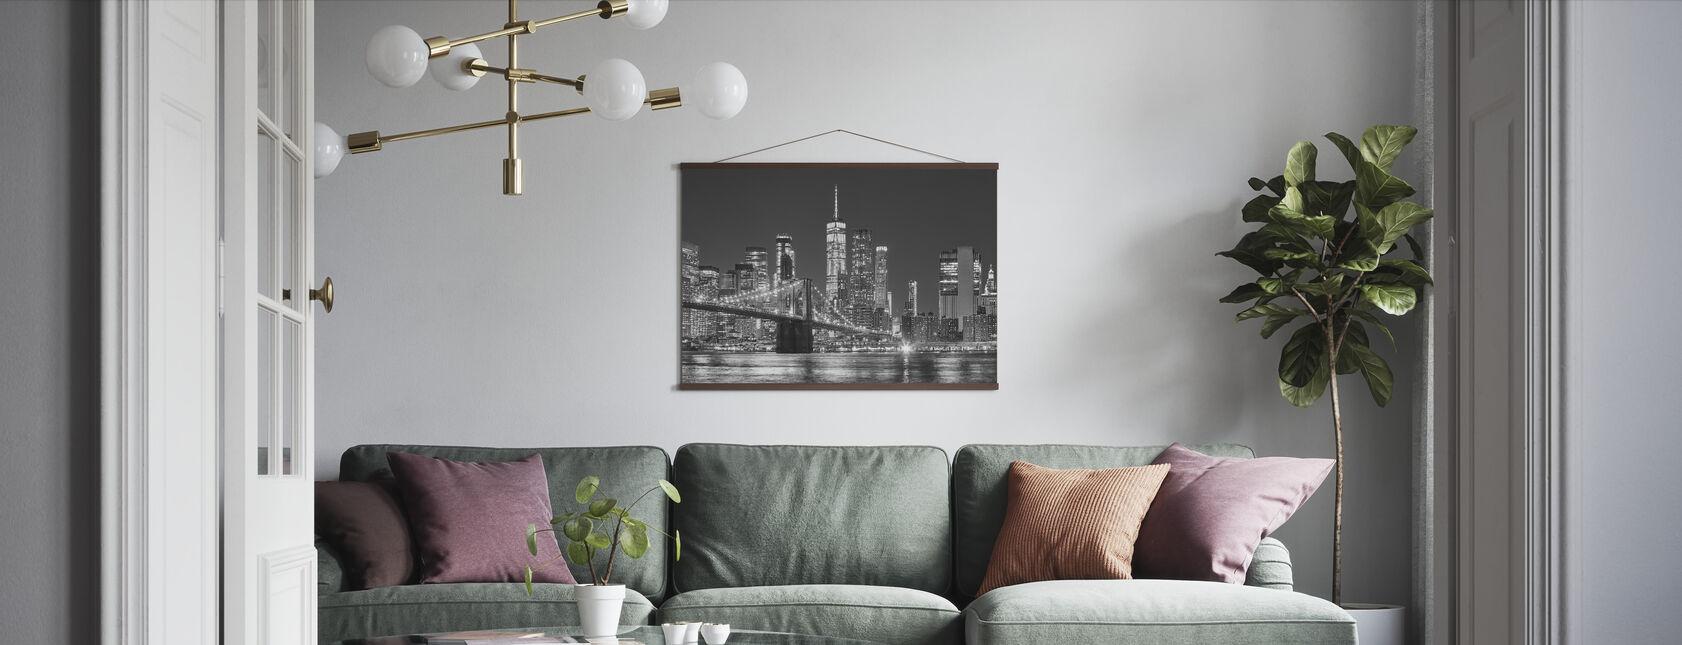 Manhattan Skyline bij nacht - Poster - Woonkamer